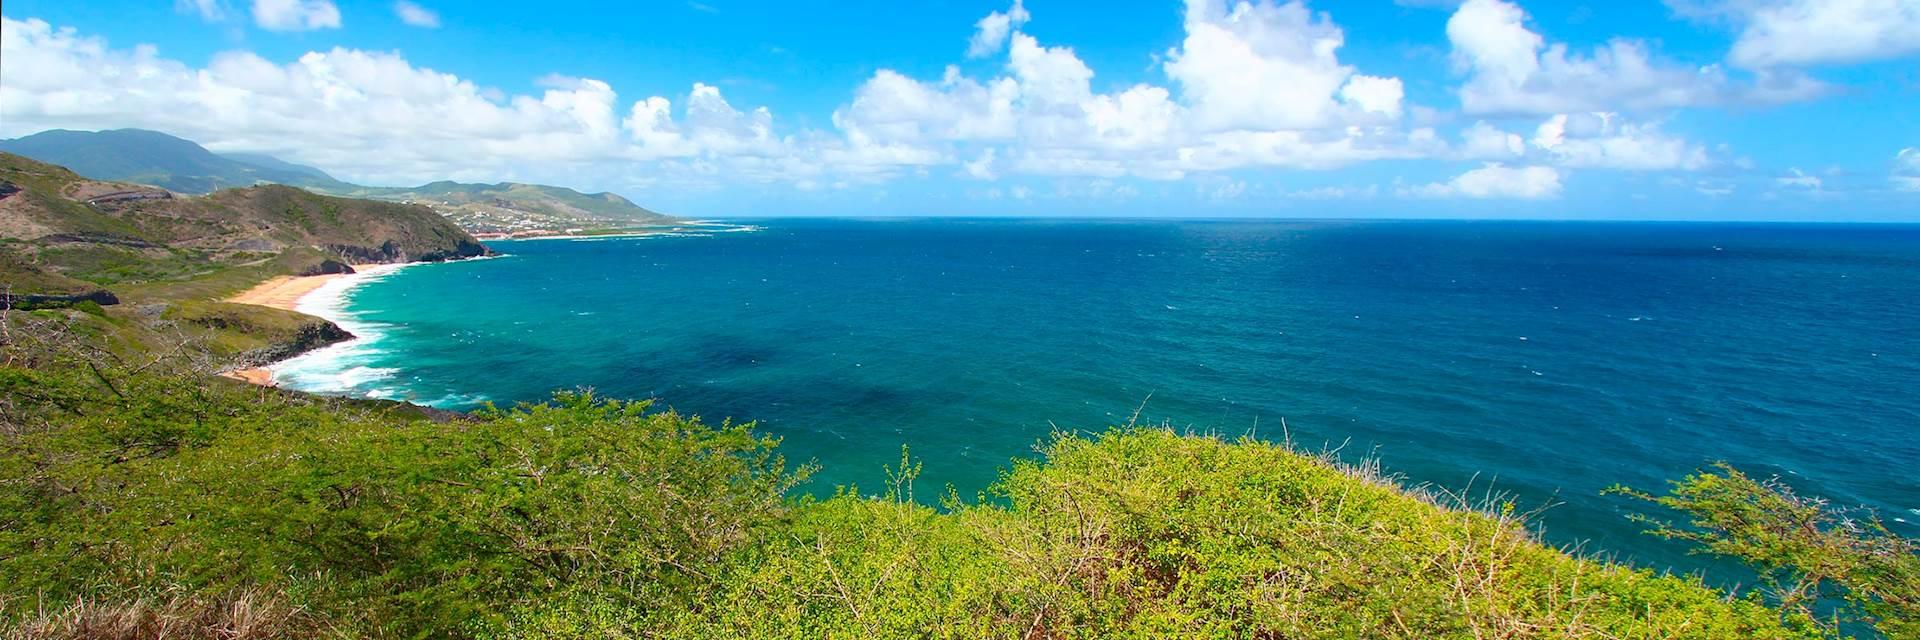 Saint Kitts coastline, Saint Kitts and Nevis